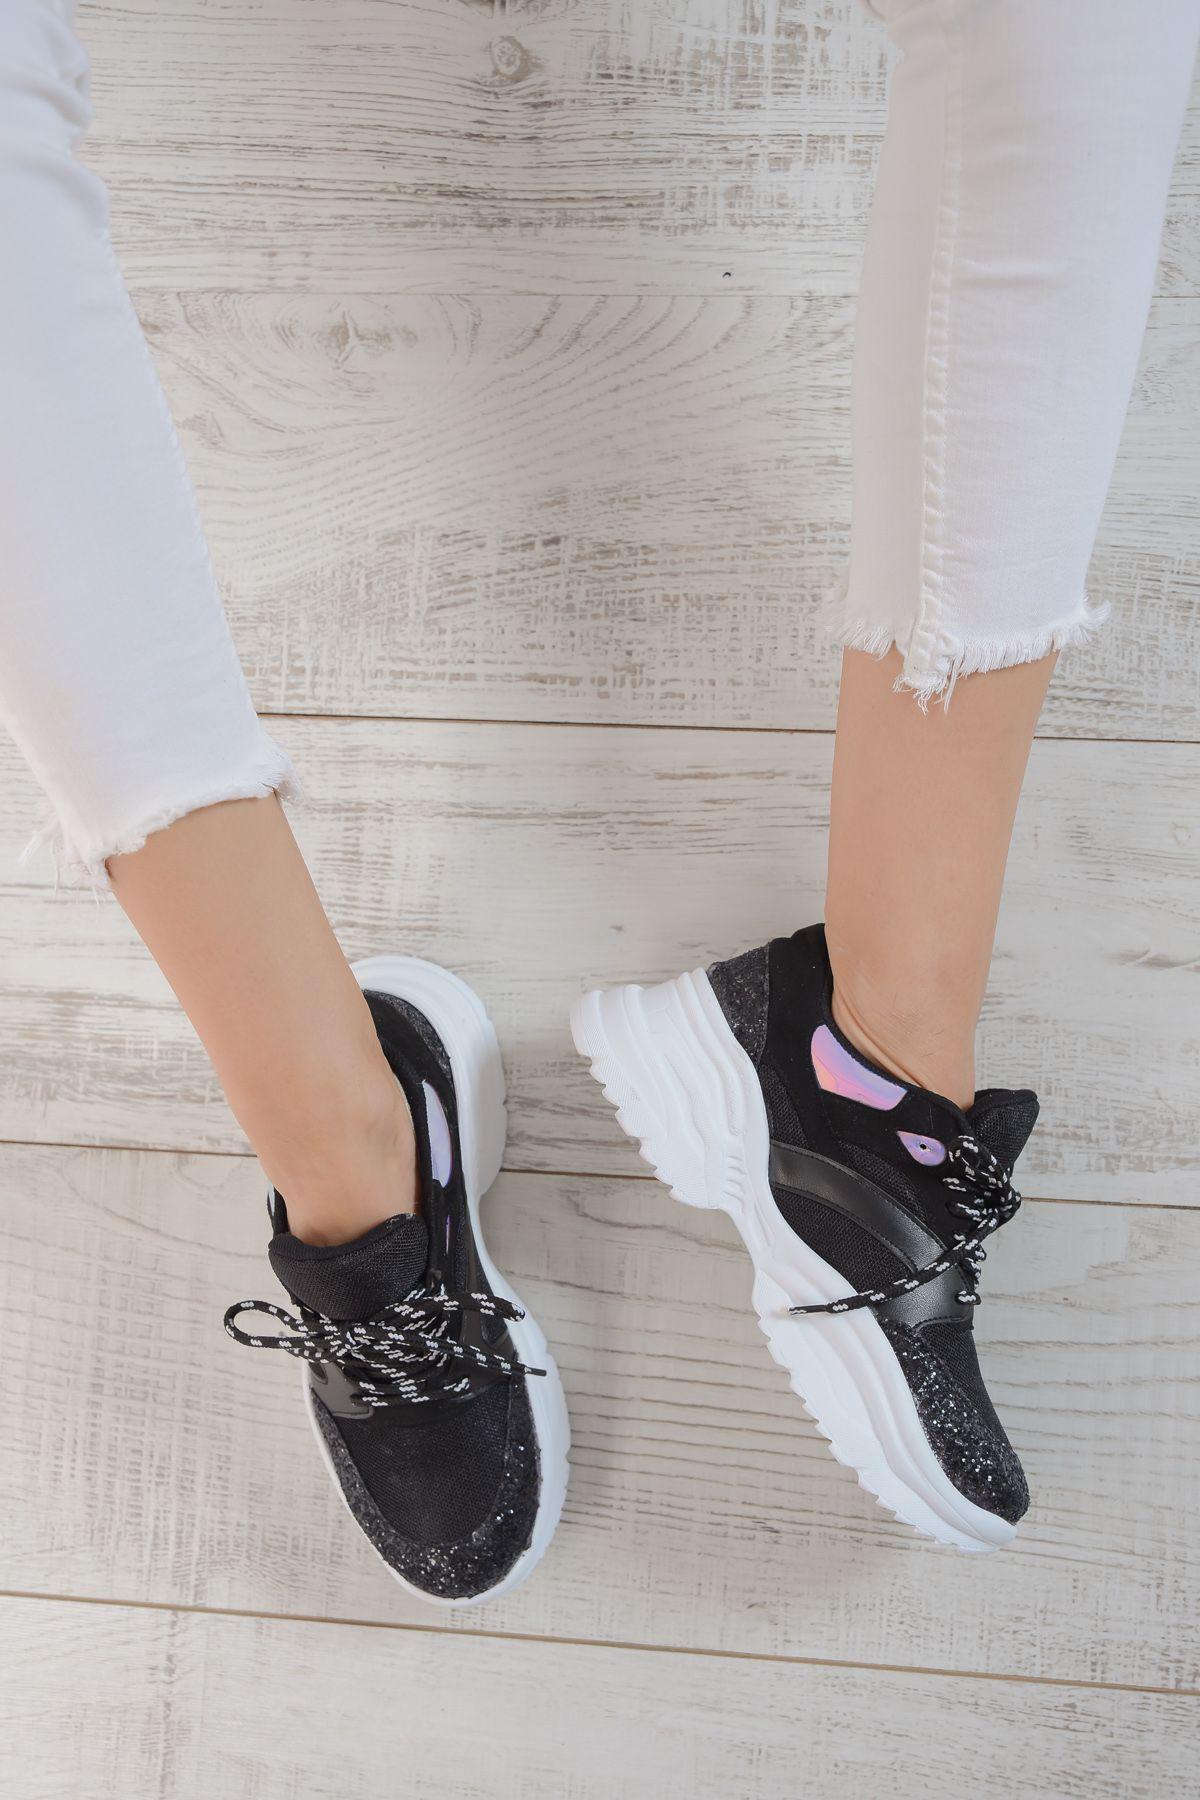 049fe6bee4f22 Kadın Spor Ayakkabı Modelleri, Fiyatları, Aynı Gün Kargo - Shoes Time